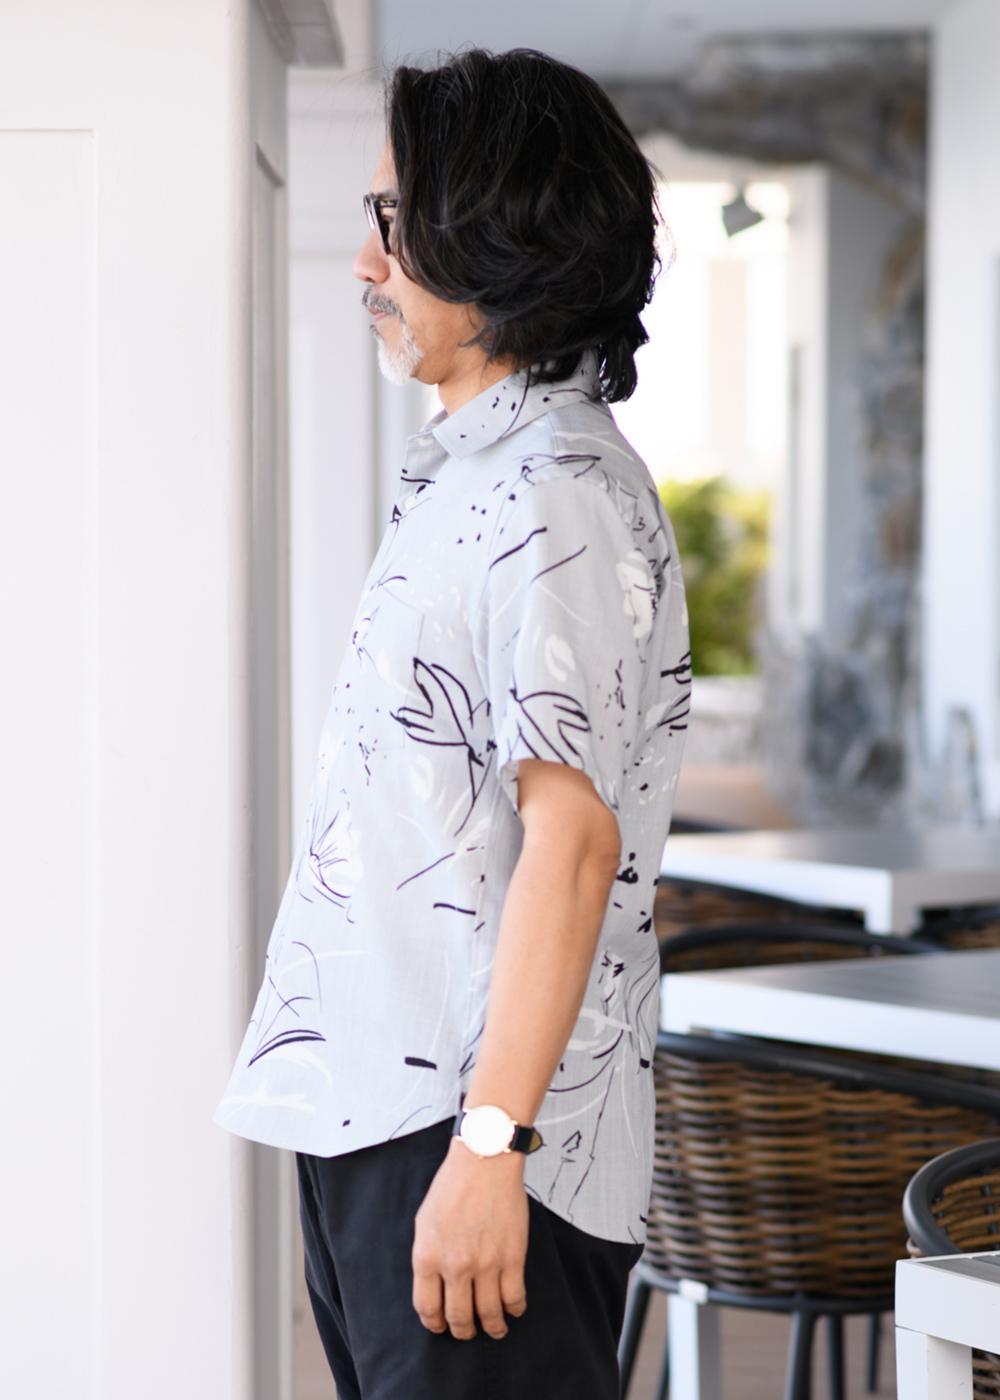 かりゆしウェア(沖縄版アロハシャツ) MAJUN - ドローイングリゾート